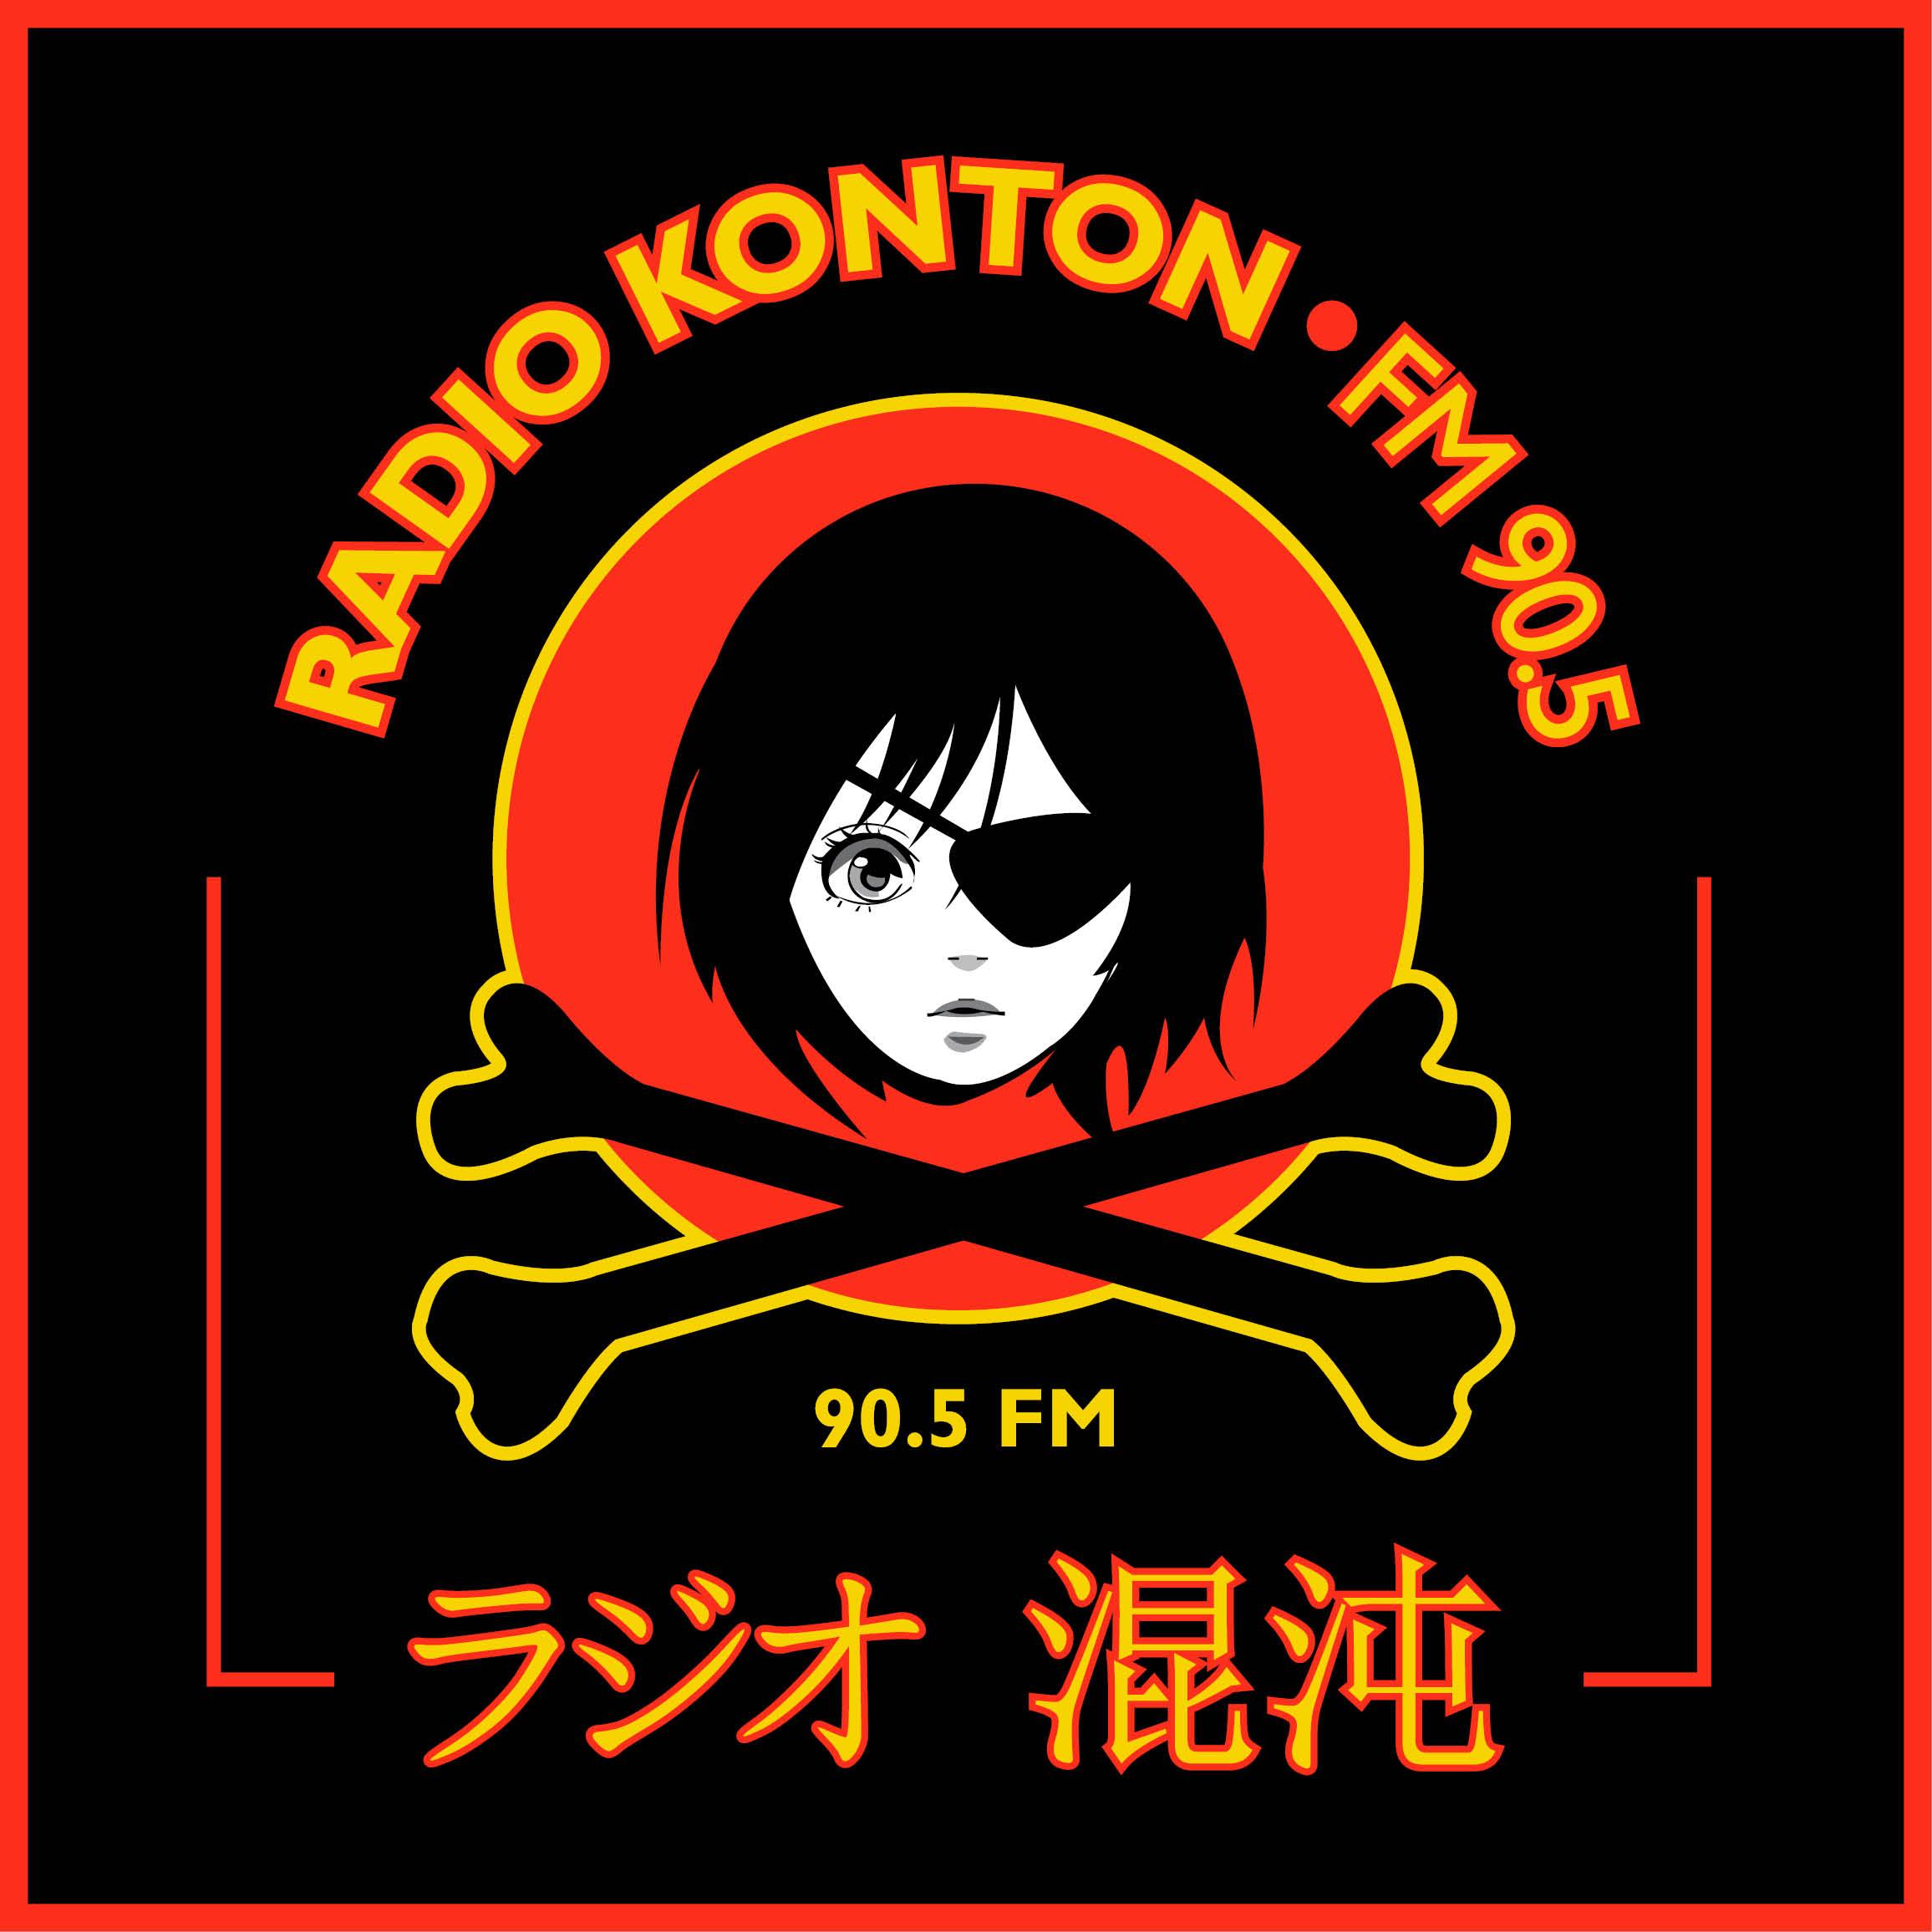 Radio Konton